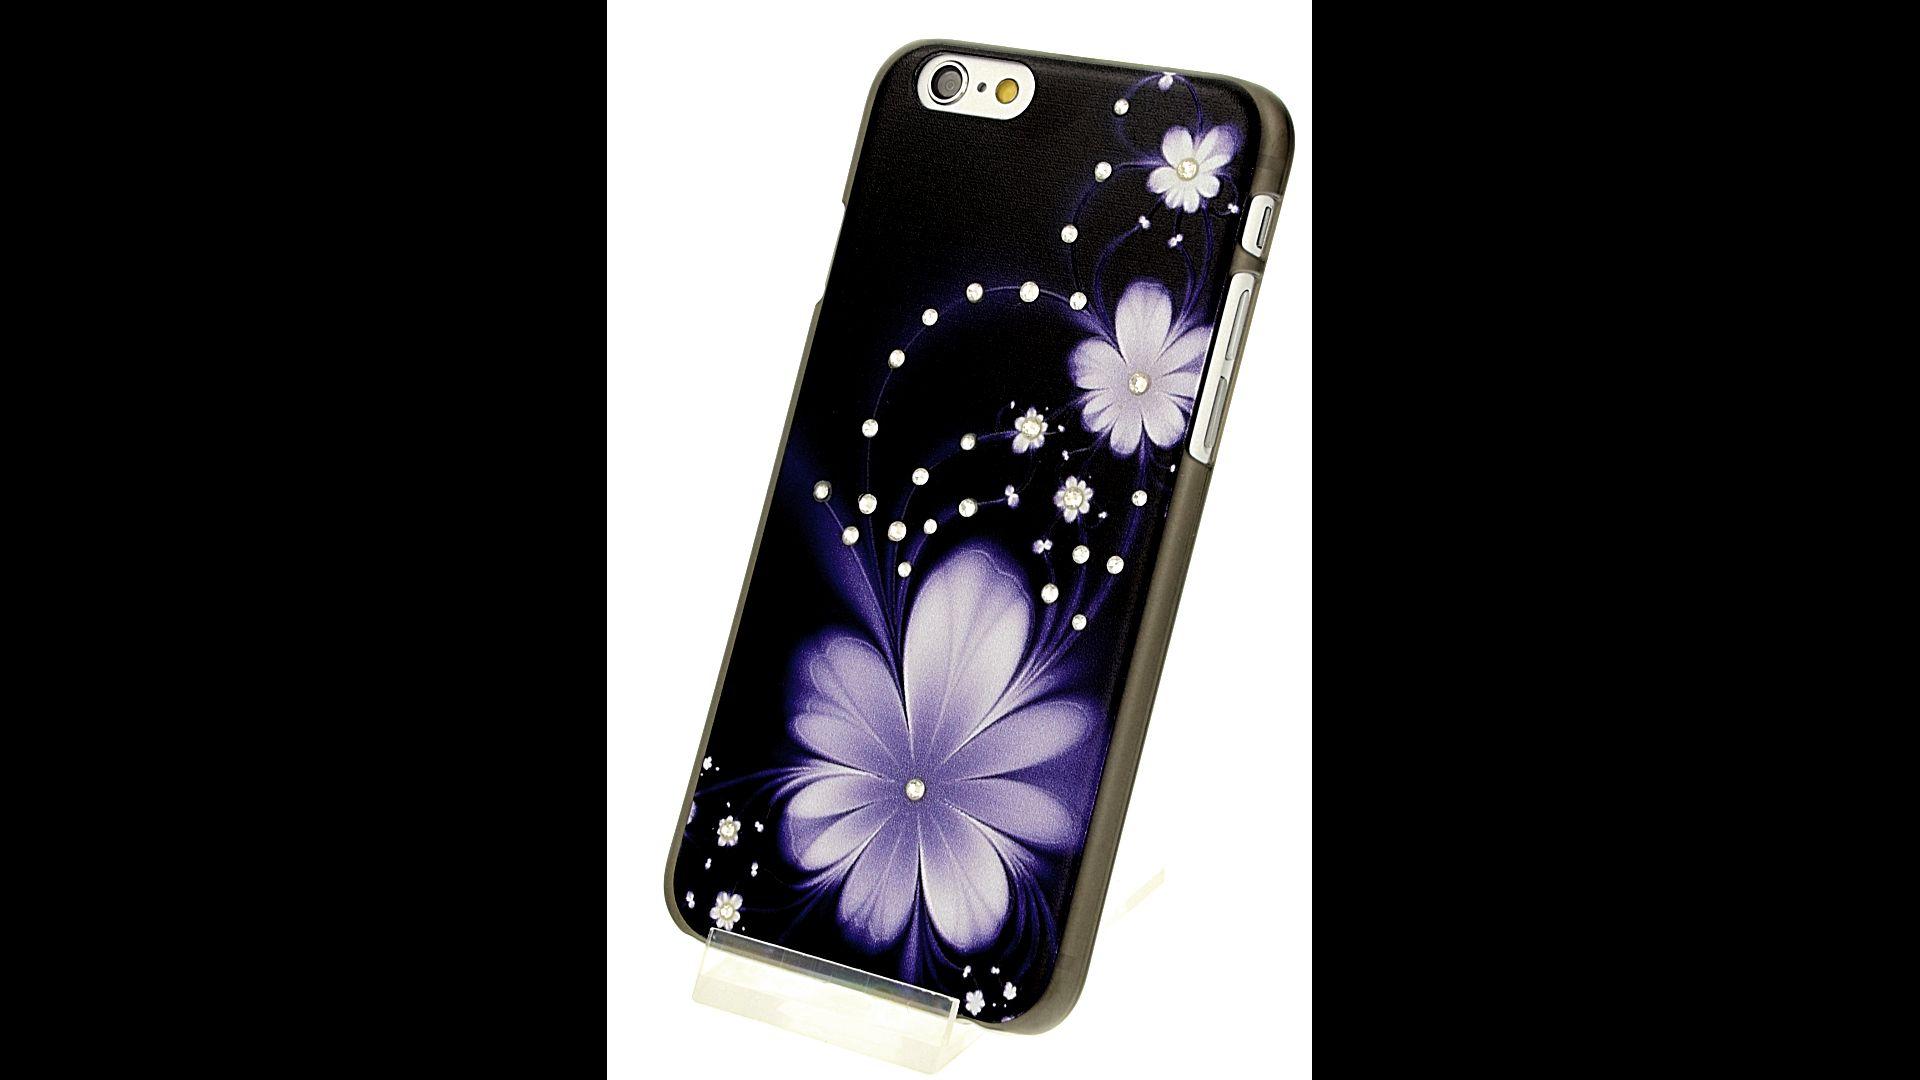 Plastový zadní kryt pro iPhone 6 a iPhone 6S s motivem květiny eace6dafc61